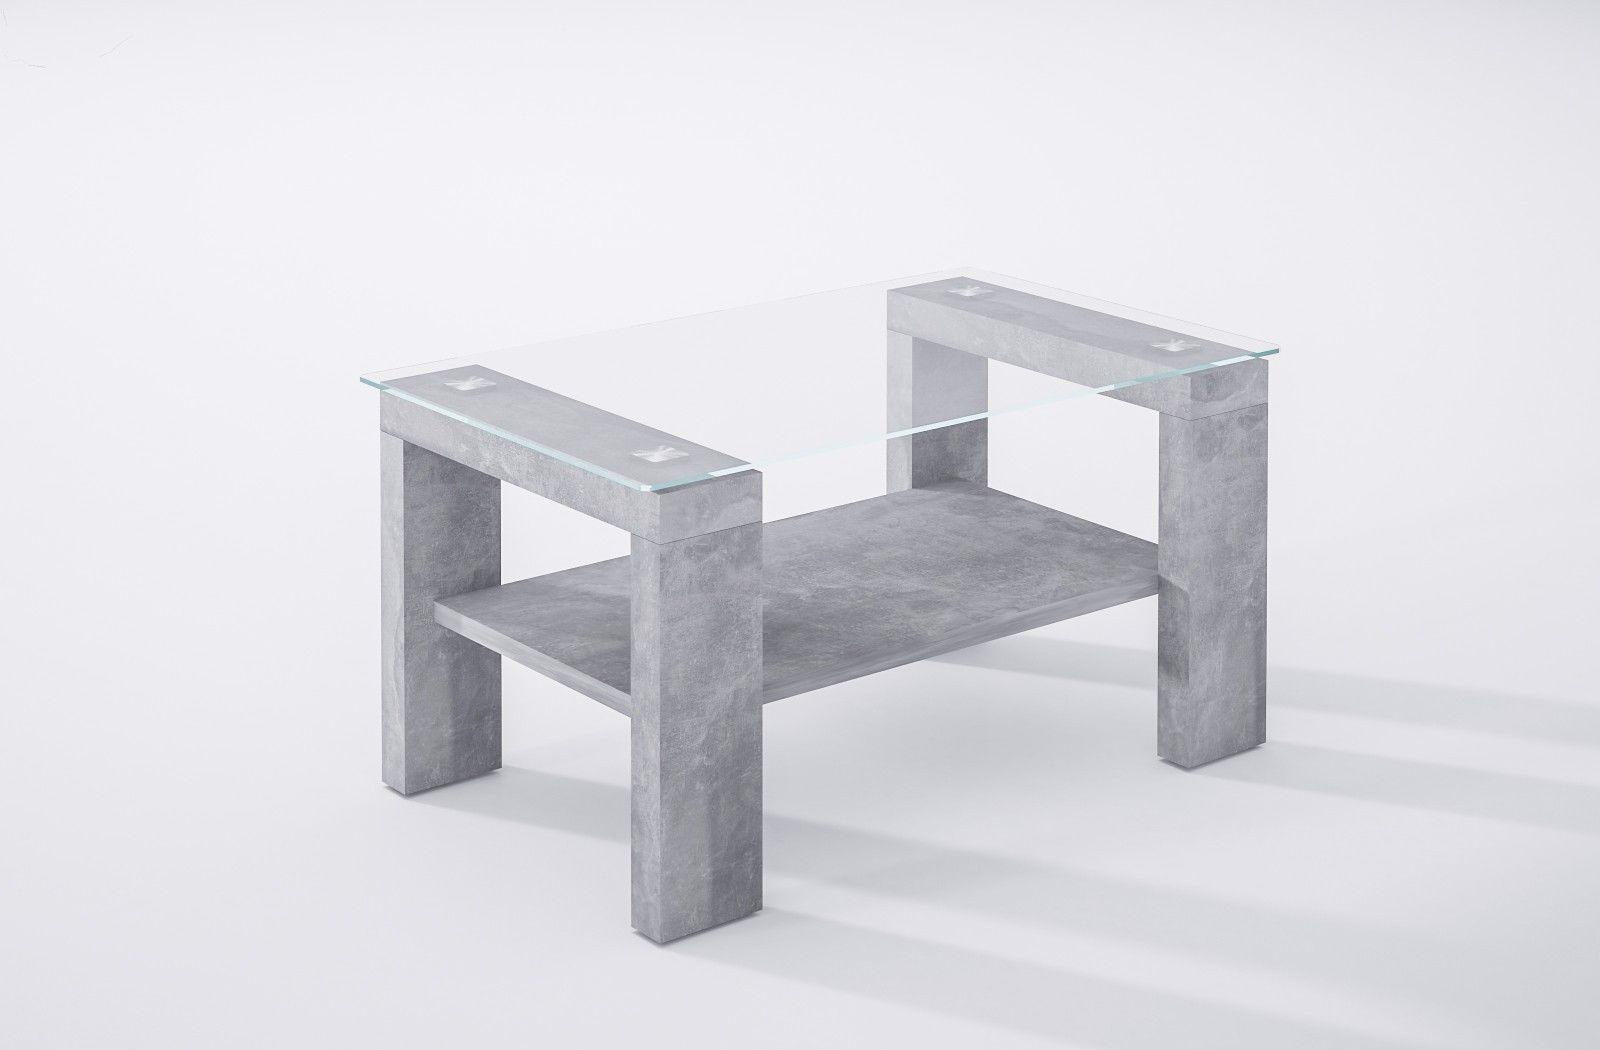 98 glas tisch aus beton wohnzimmer couchtisch large for Glastisch couchtisch design